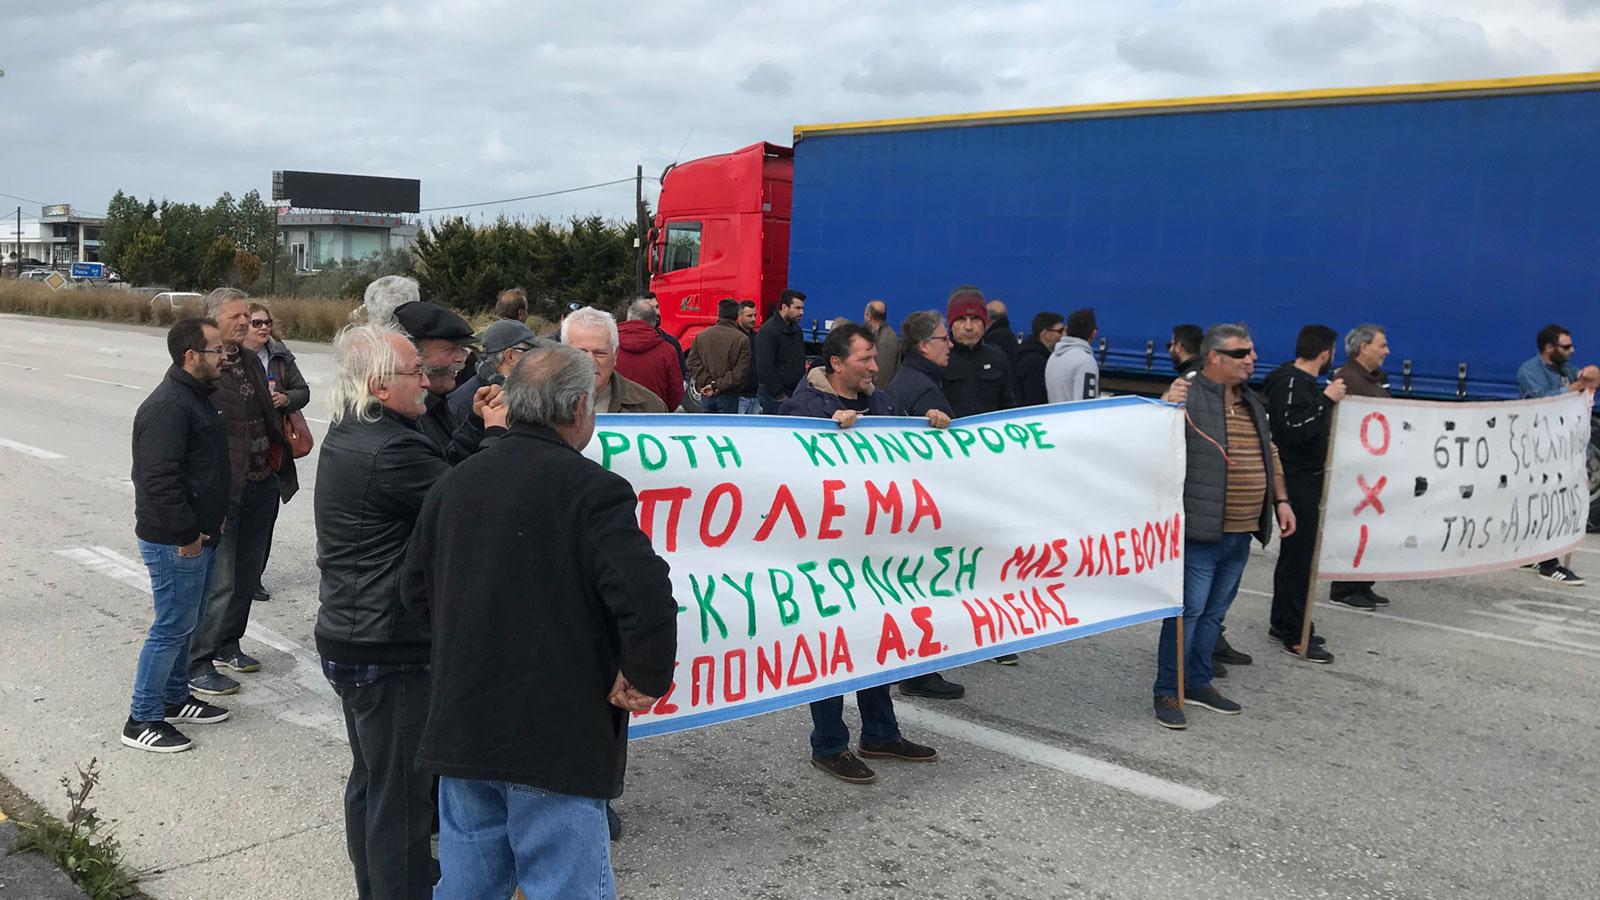 Πύργος: Συμβολική κατάληψη στον κόμβο του Αγ. Γεωργίου από αγρότες και κτηνοτρόφους μέλη της ΟΑΣΗ - Συνεχίζουν τη Δευτέρα (photos)